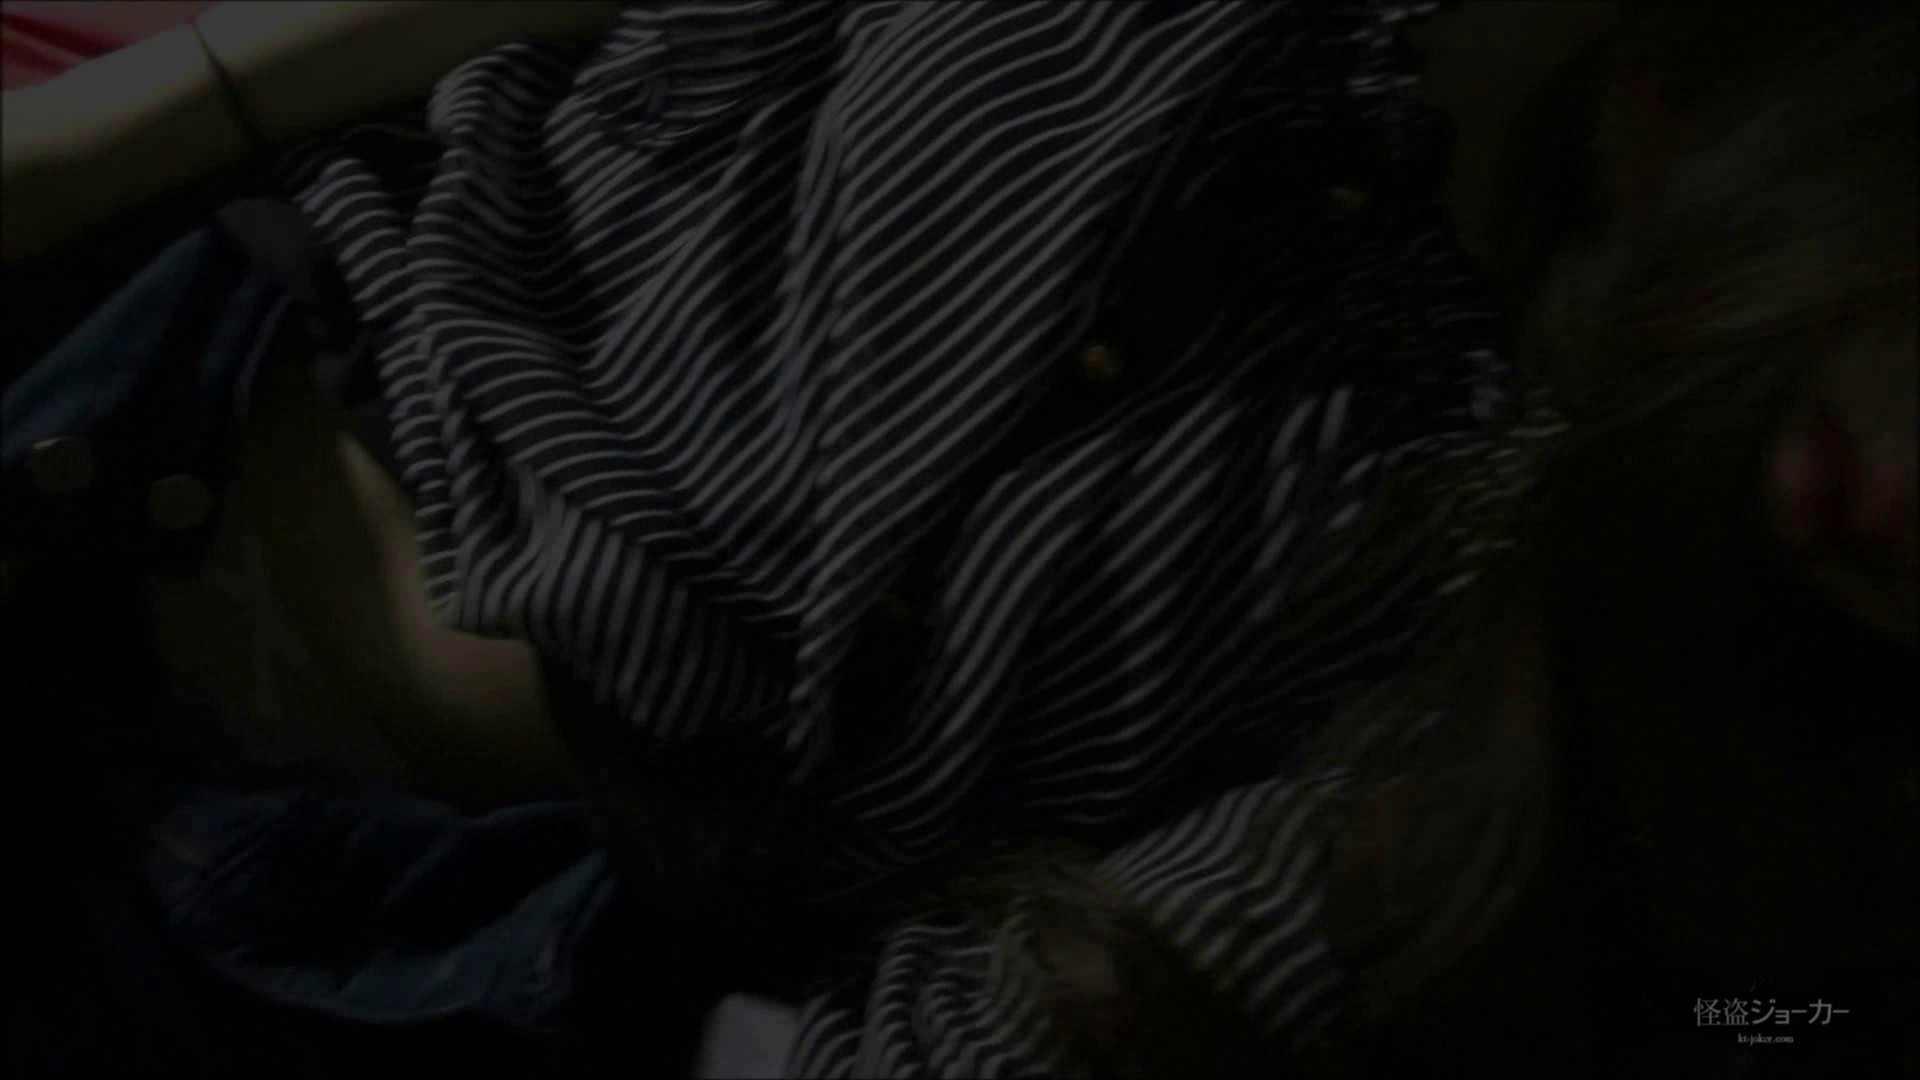 【未公開】vol.89 {黒髪女子18歳}押しに弱いYURIちゃん。 高画質 | 盛合せ  75画像 44